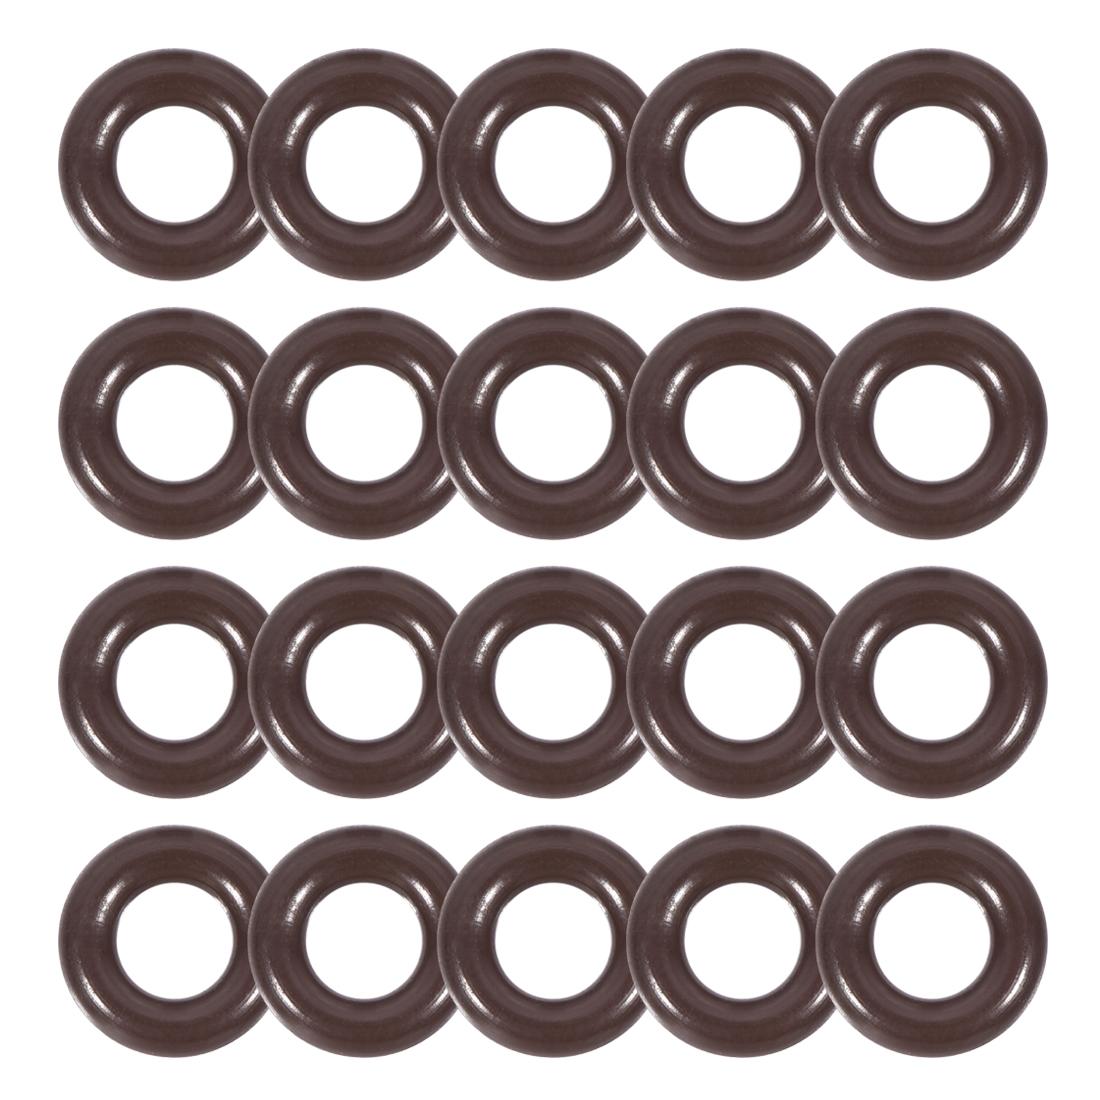 Fluorine Rubber O-Rings 7.6mm OD 4mm ID 1.8mm Width Seal Gasket Brown 20pcs